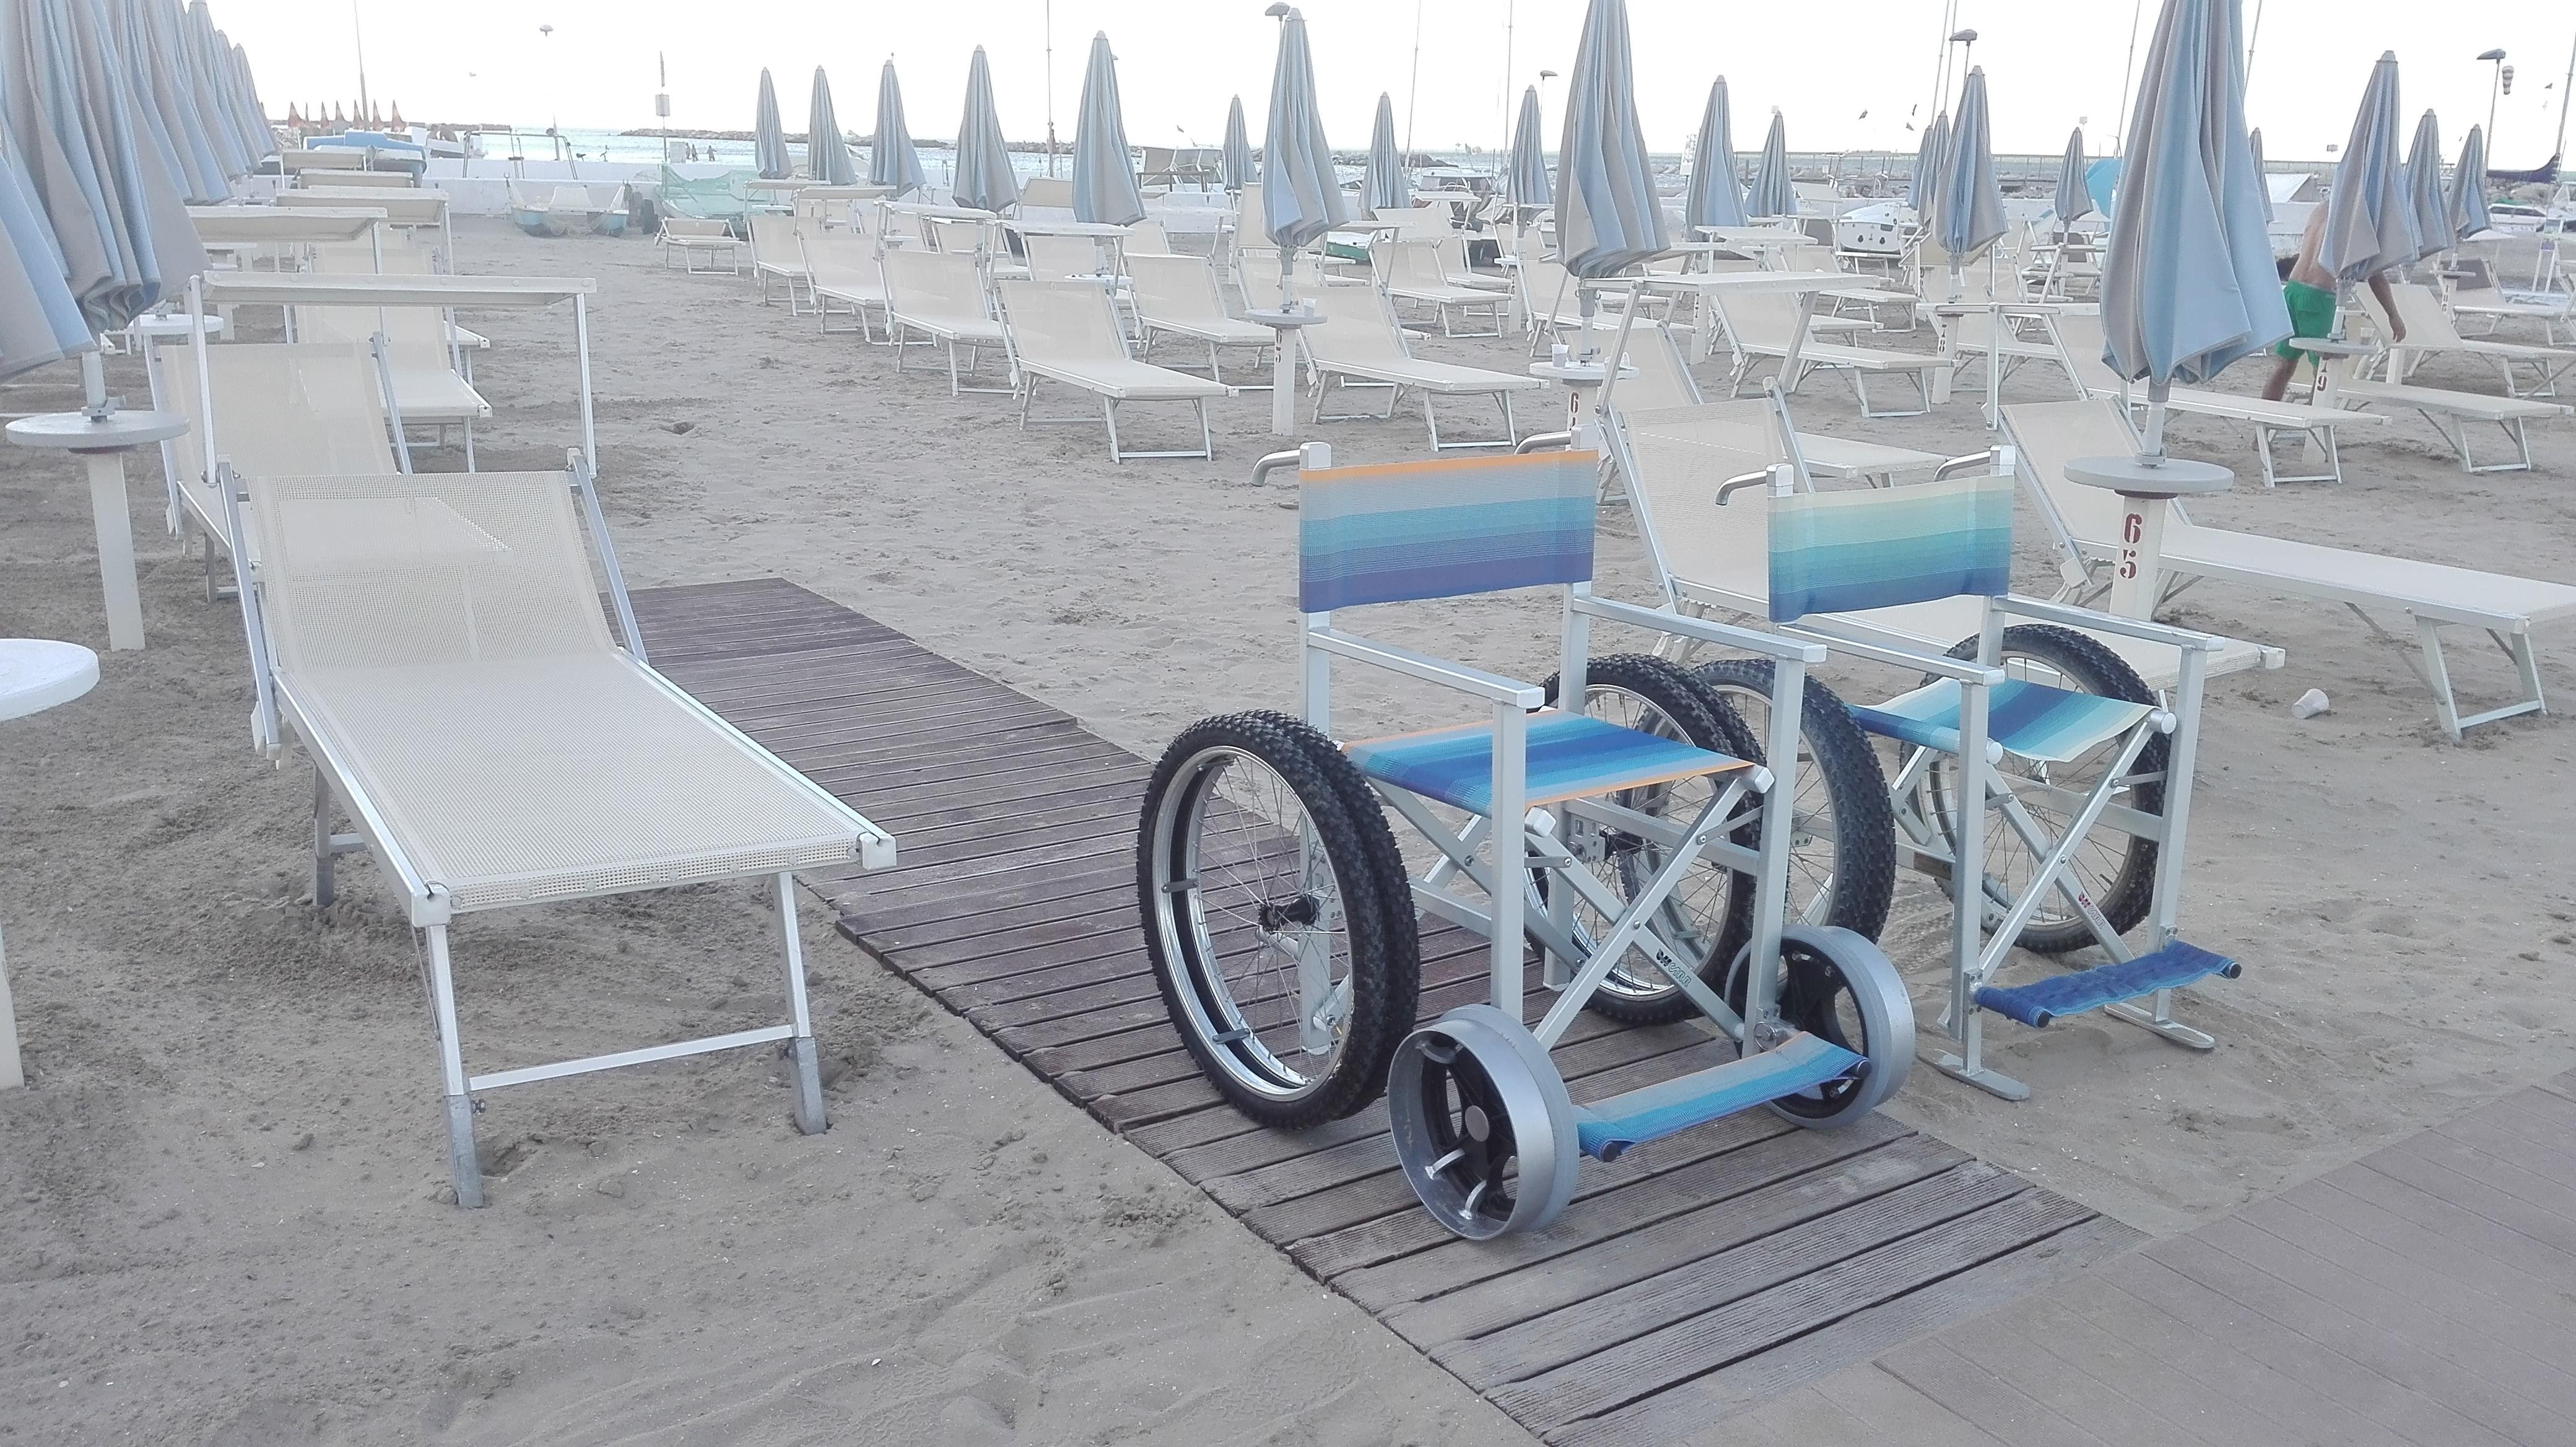 una delle spiagge accessibili